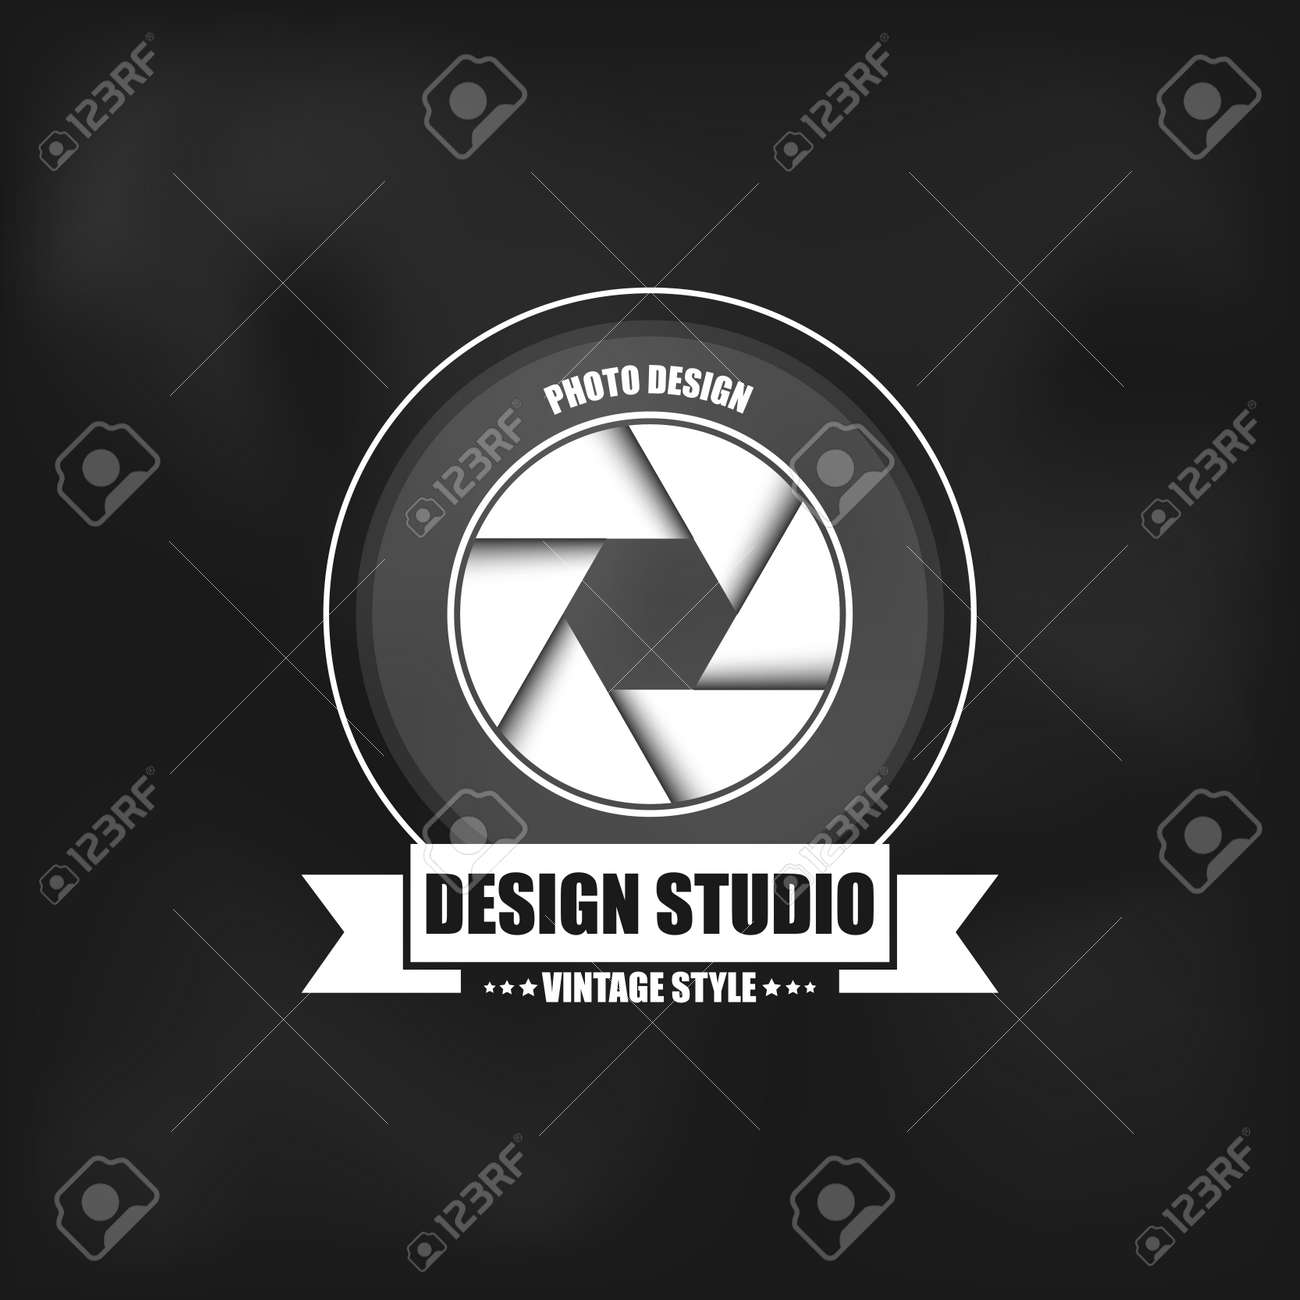 fotografia logo in stile vintage può essere utilizzato per i loghi